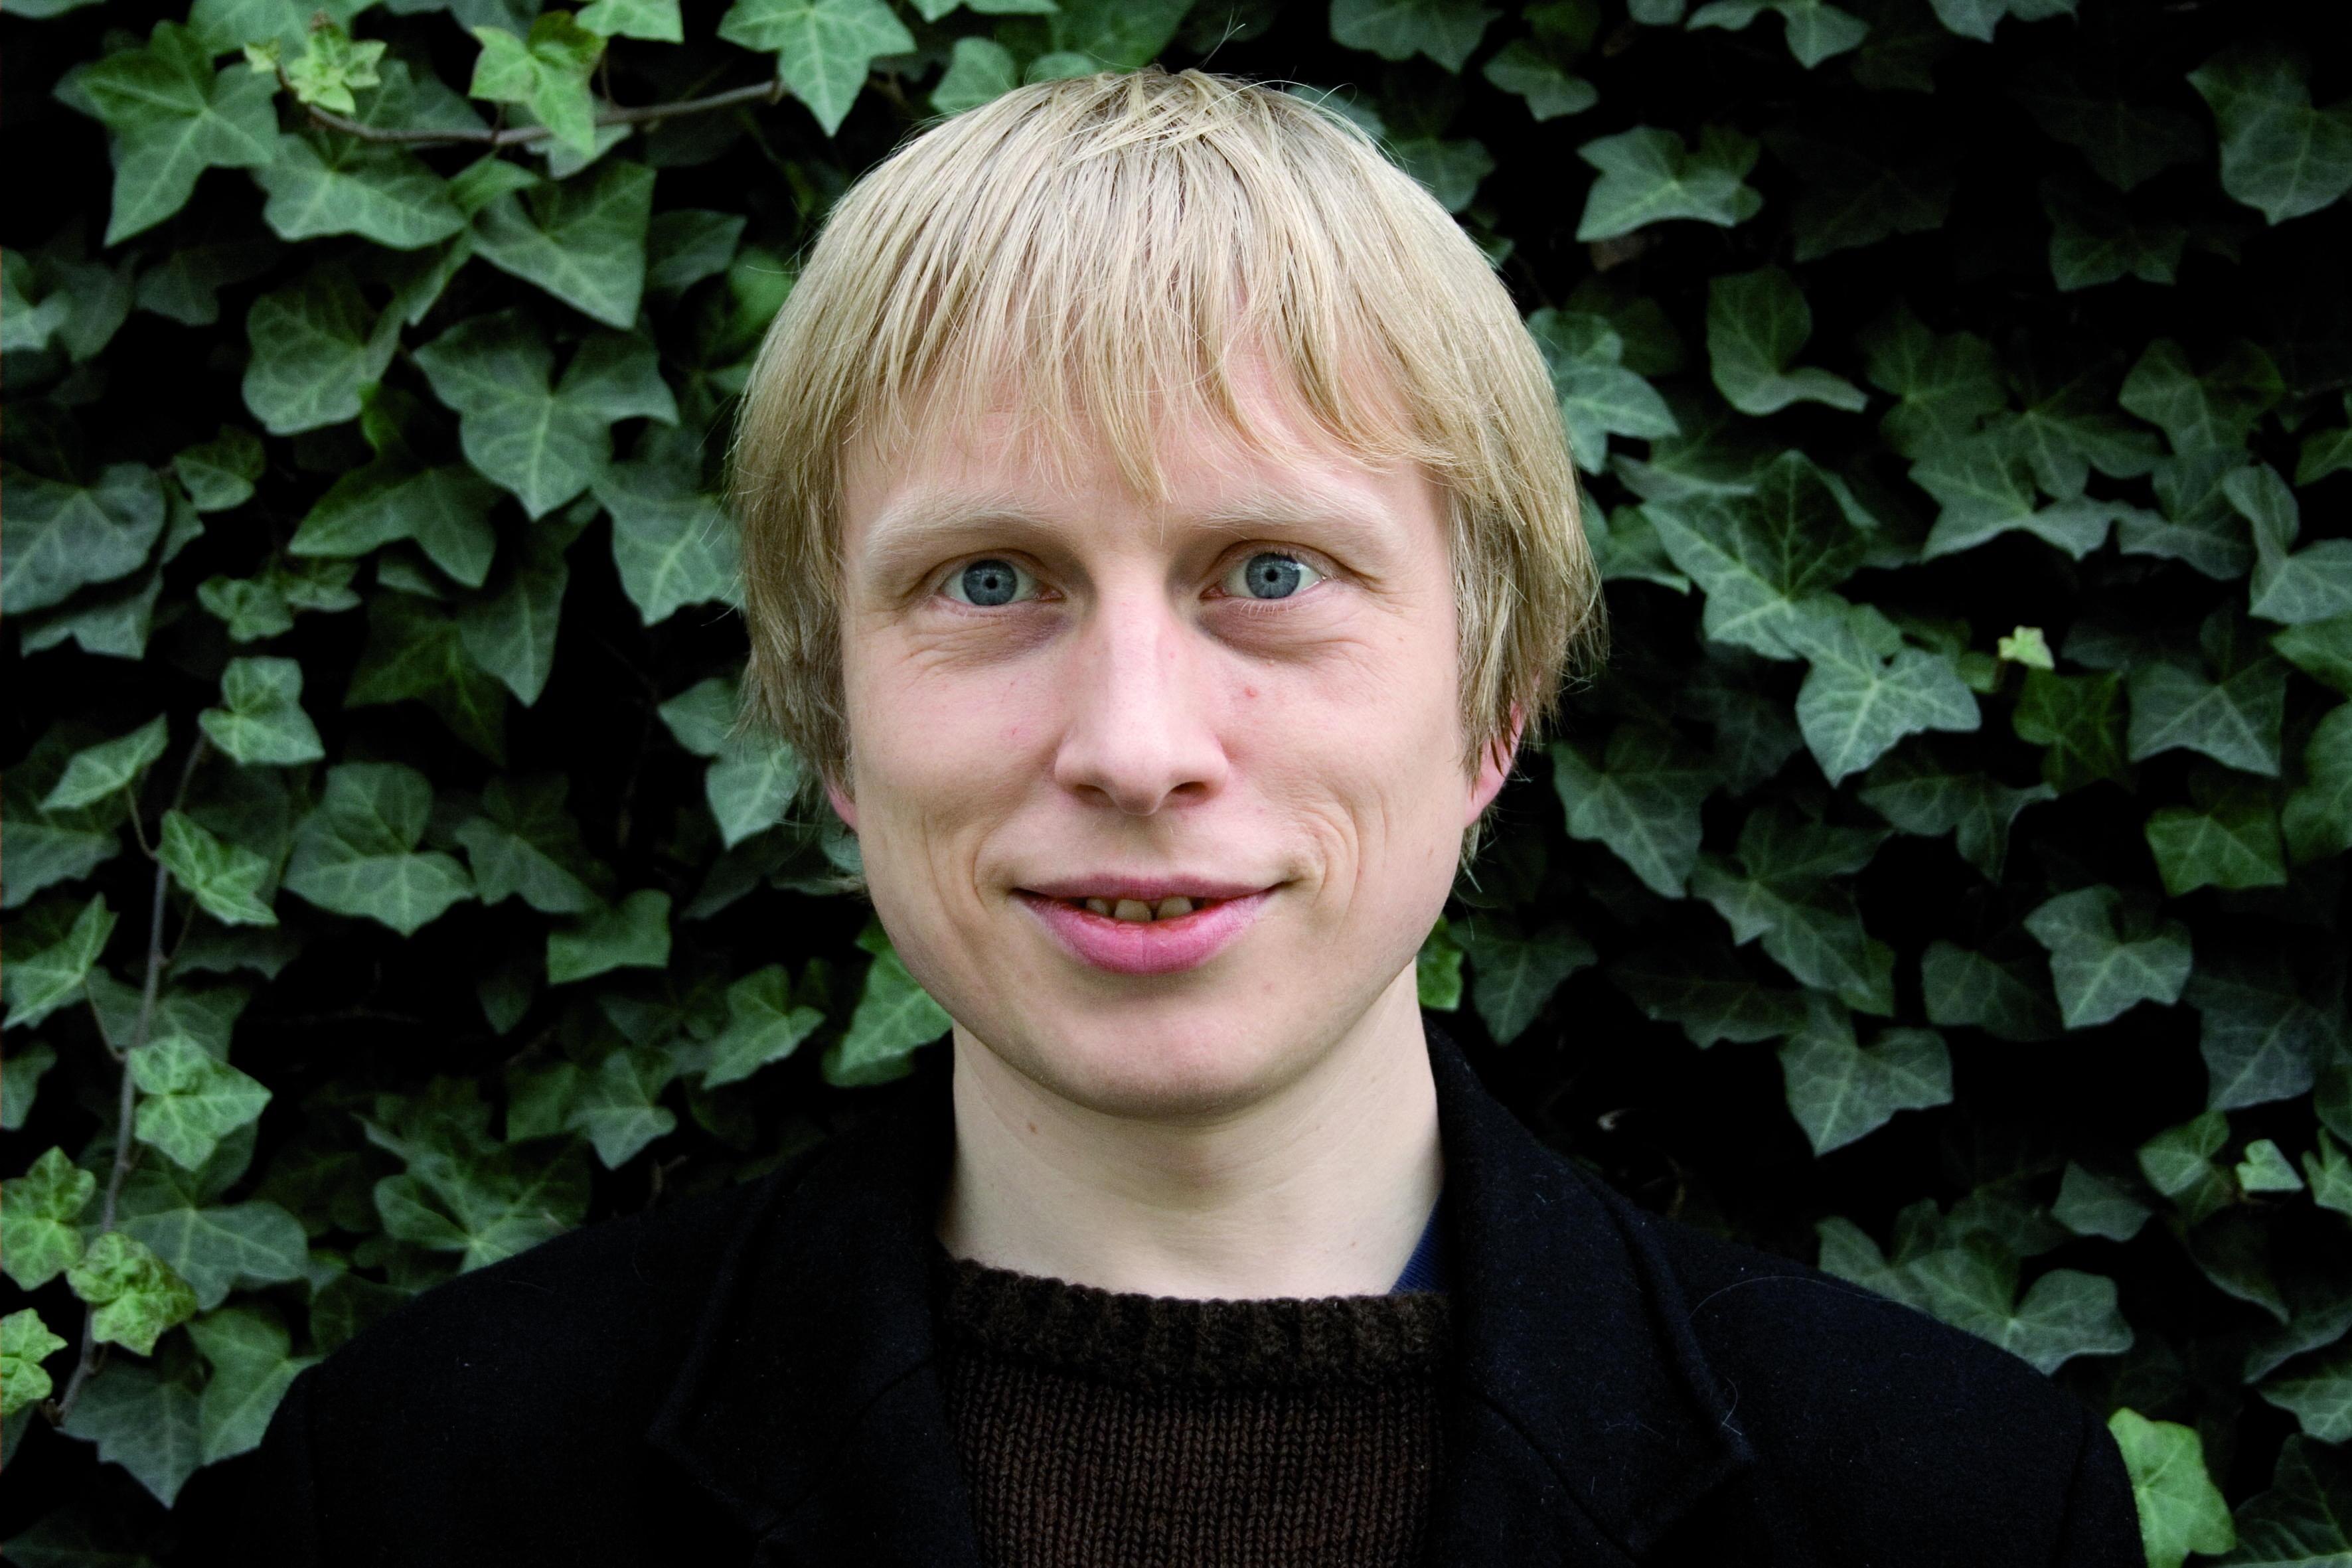 Reflections on Bjørn Torske's Ismistik